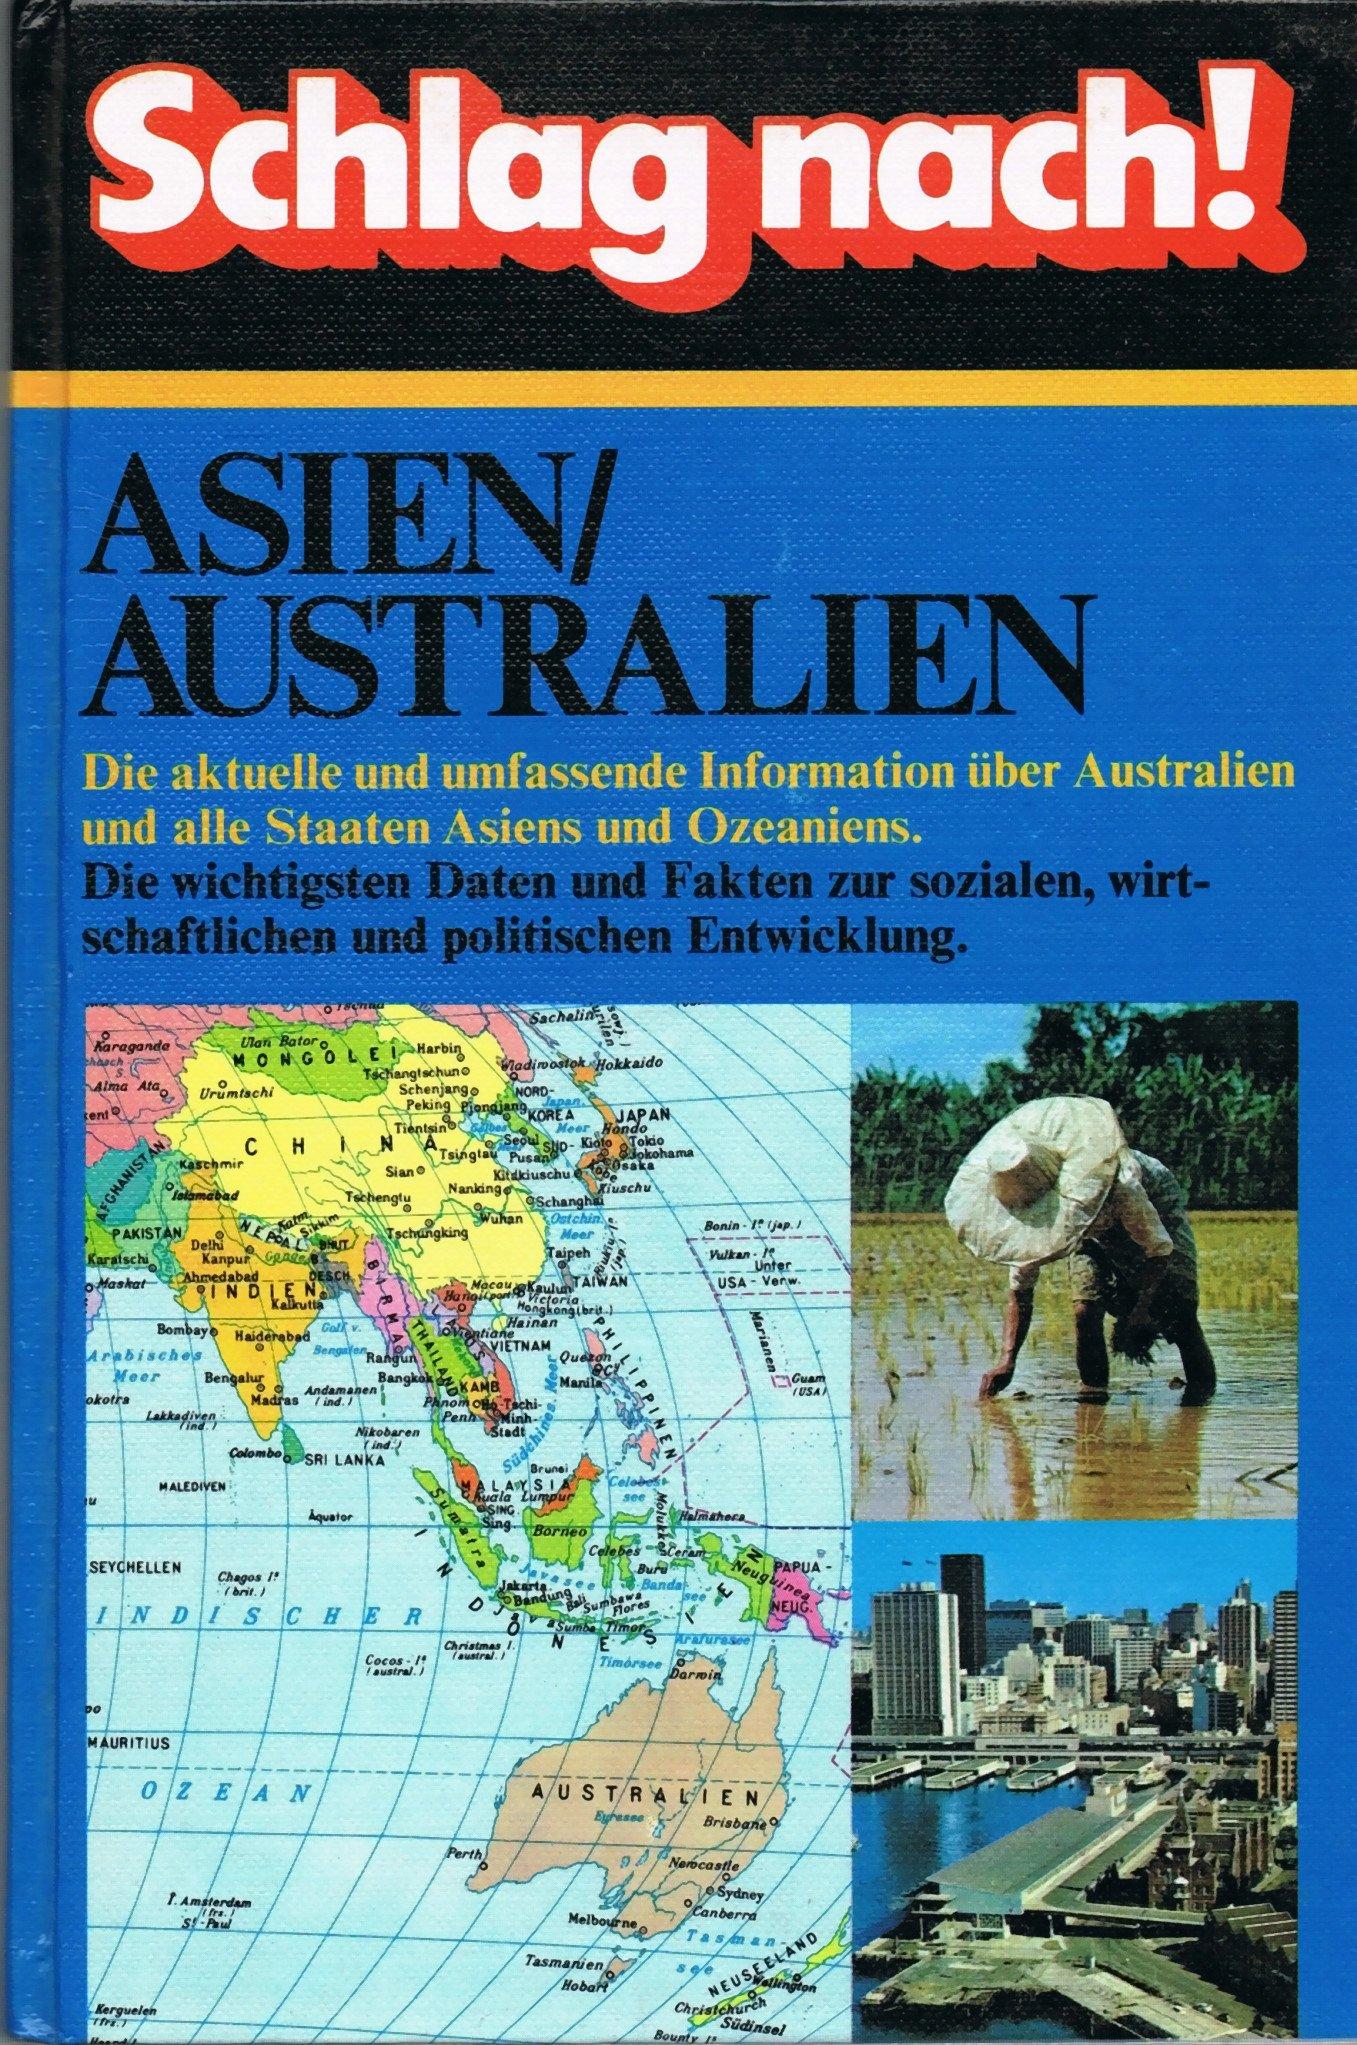 Schlag Nach Asien Australien Aktuelle Und Umfassende